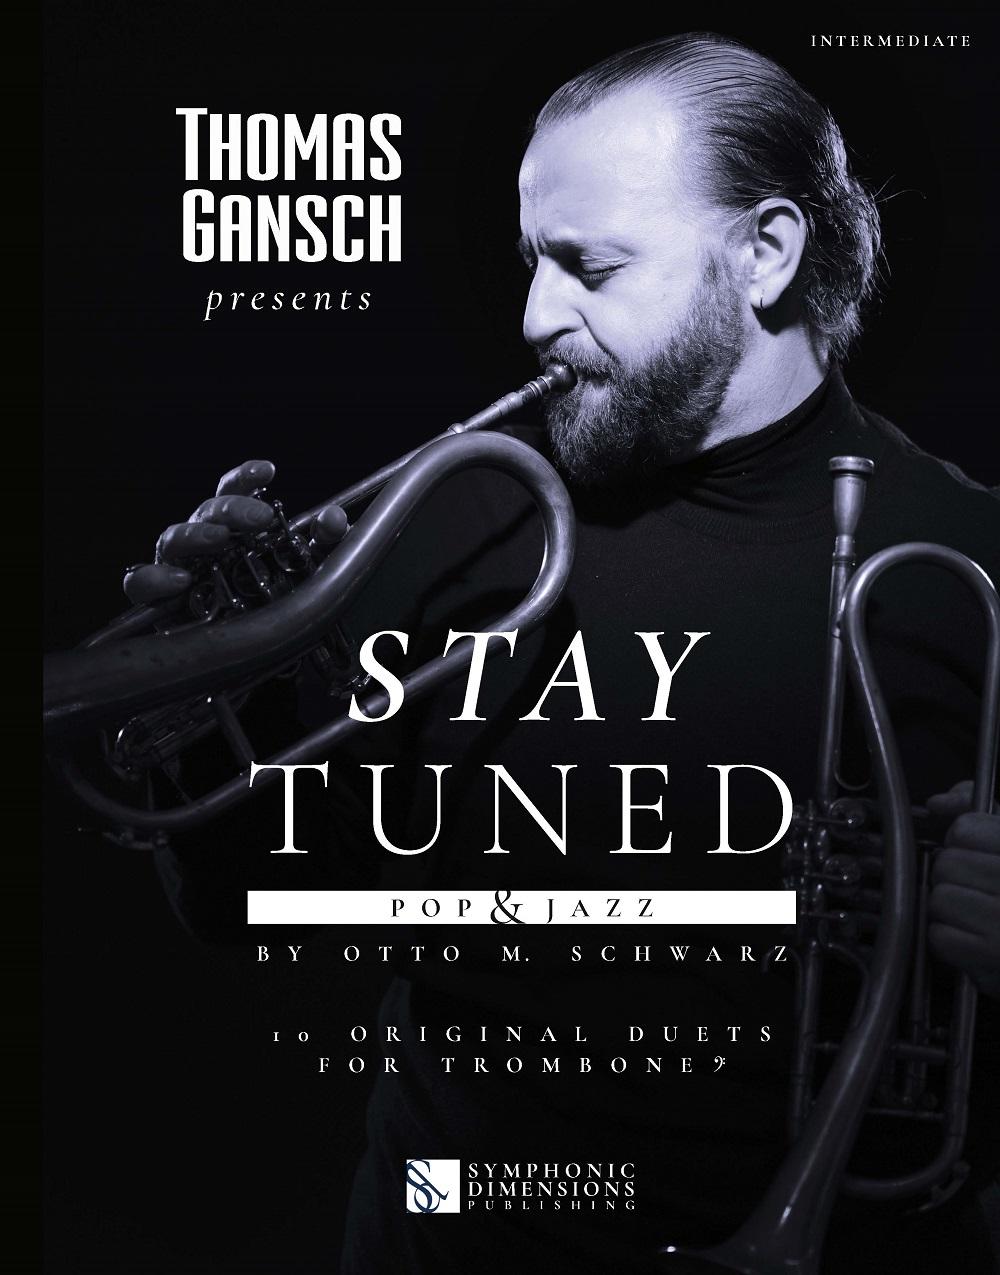 Otto M. Schwarz: Thomas Gansch presents Stay Tuned - Pop & Jazz: Trombone Duet: